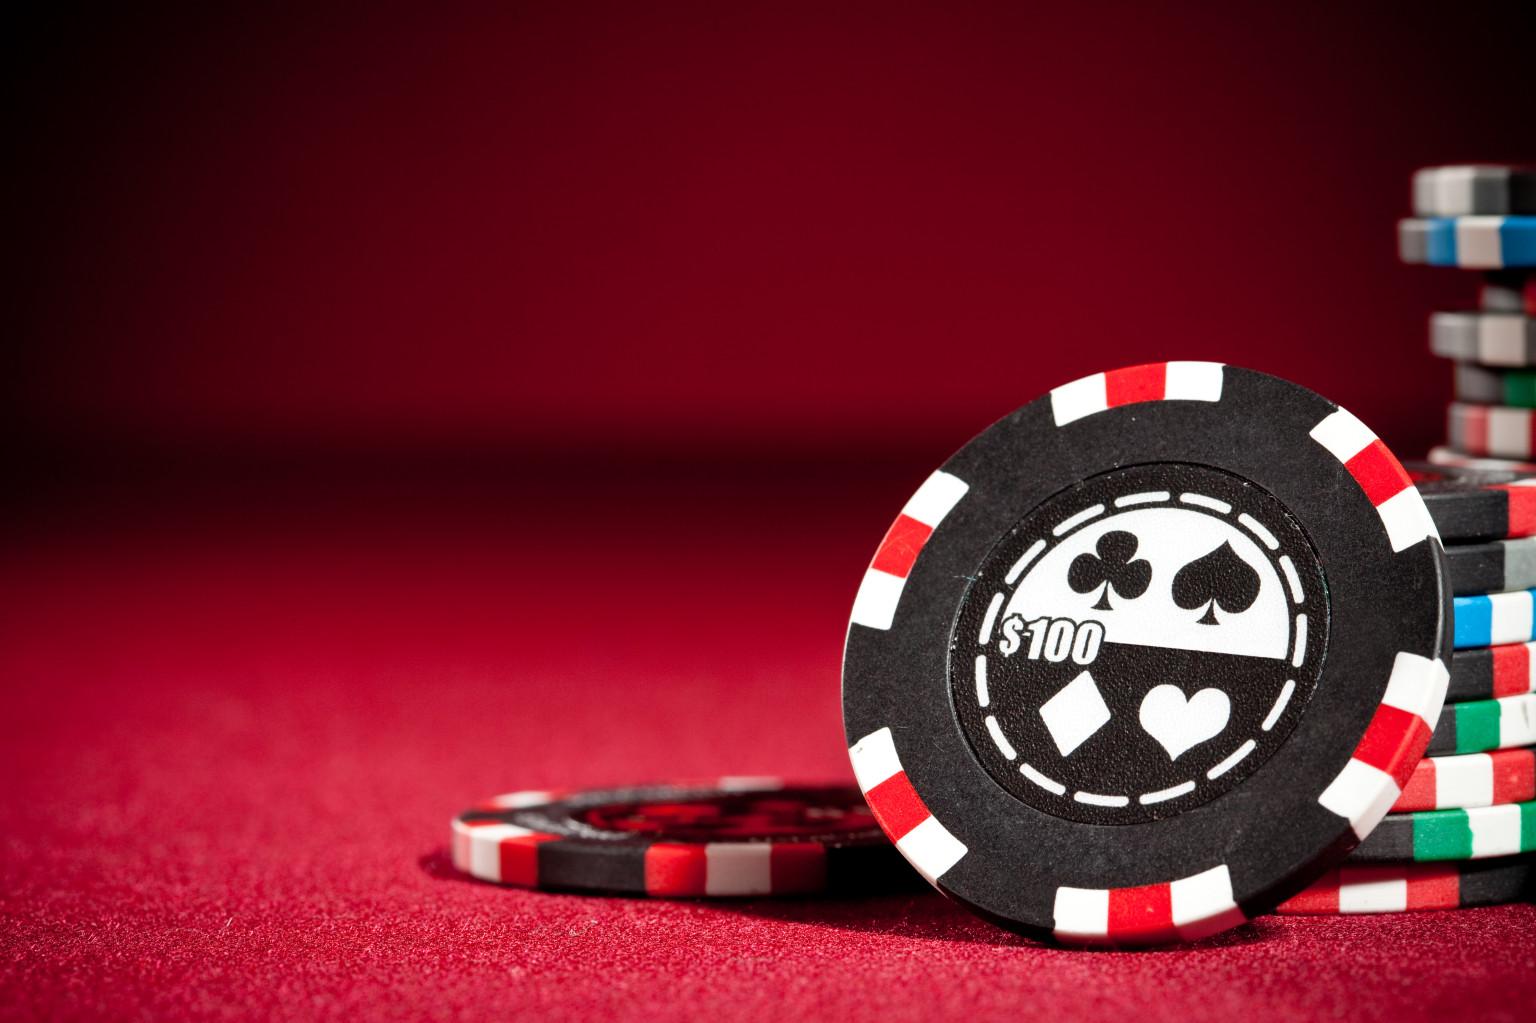 Casino en ligne : attendez un peu avant de miser de l'argent